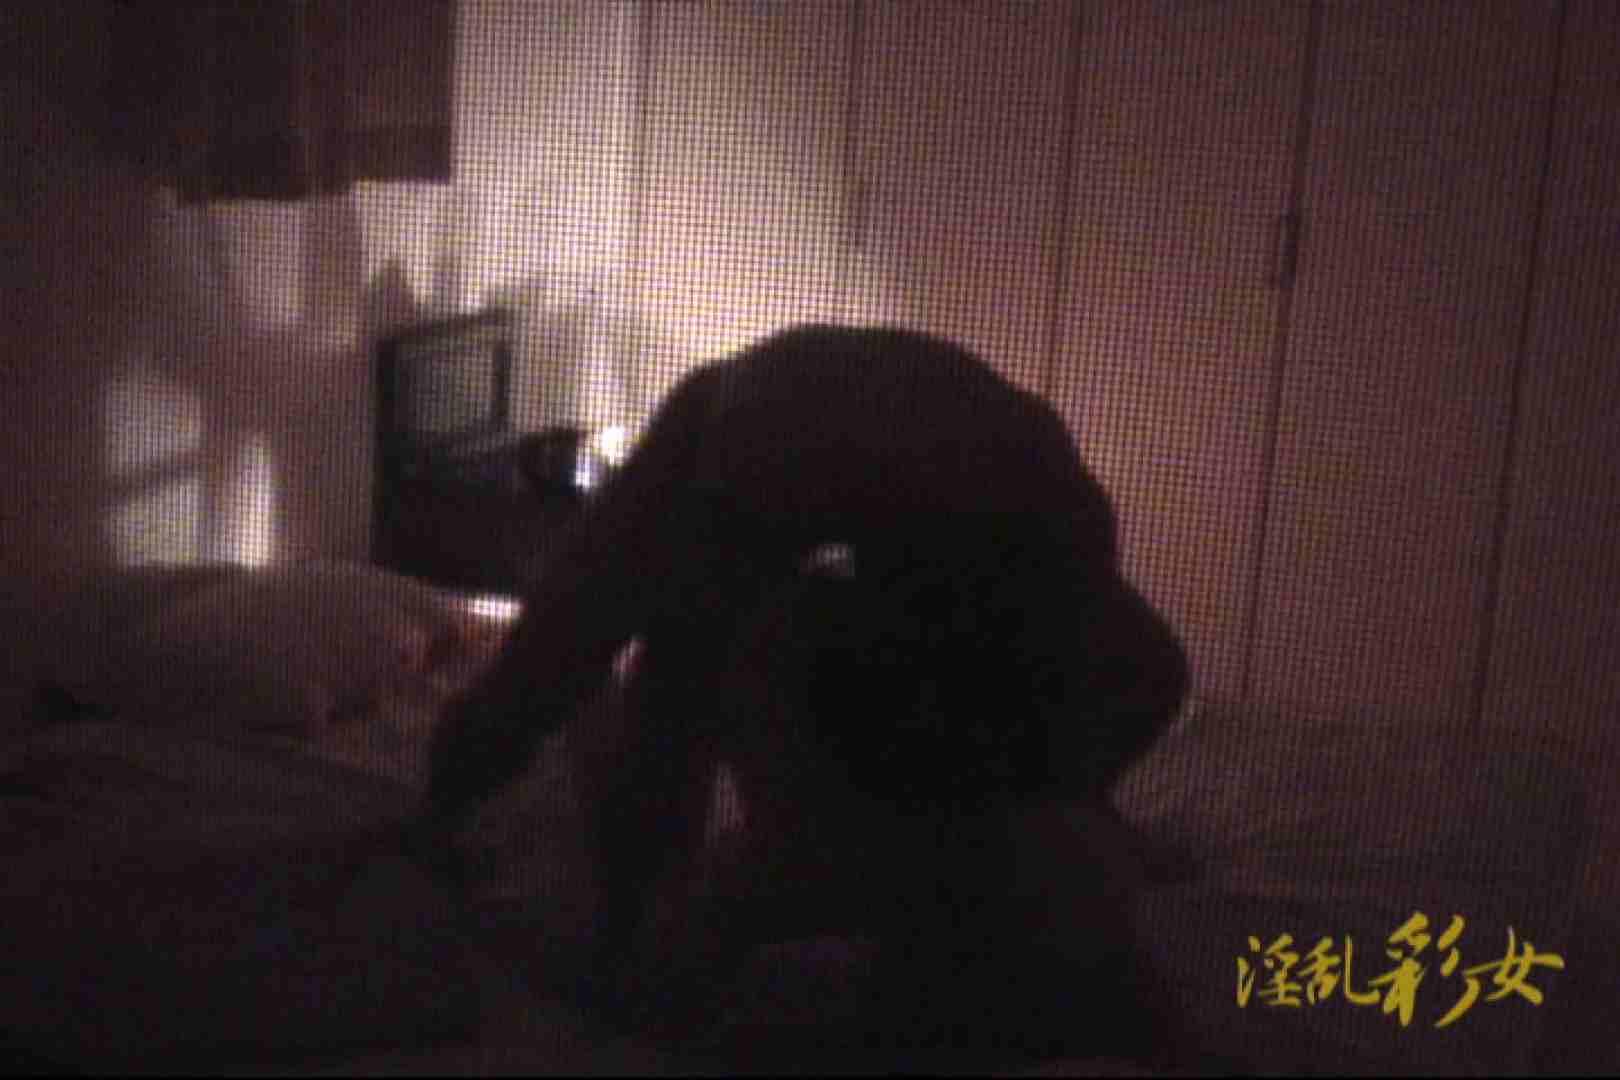 淫乱彩女 麻優里 禁断の彼氏 SEX映像 | 一般投稿  110pic 88